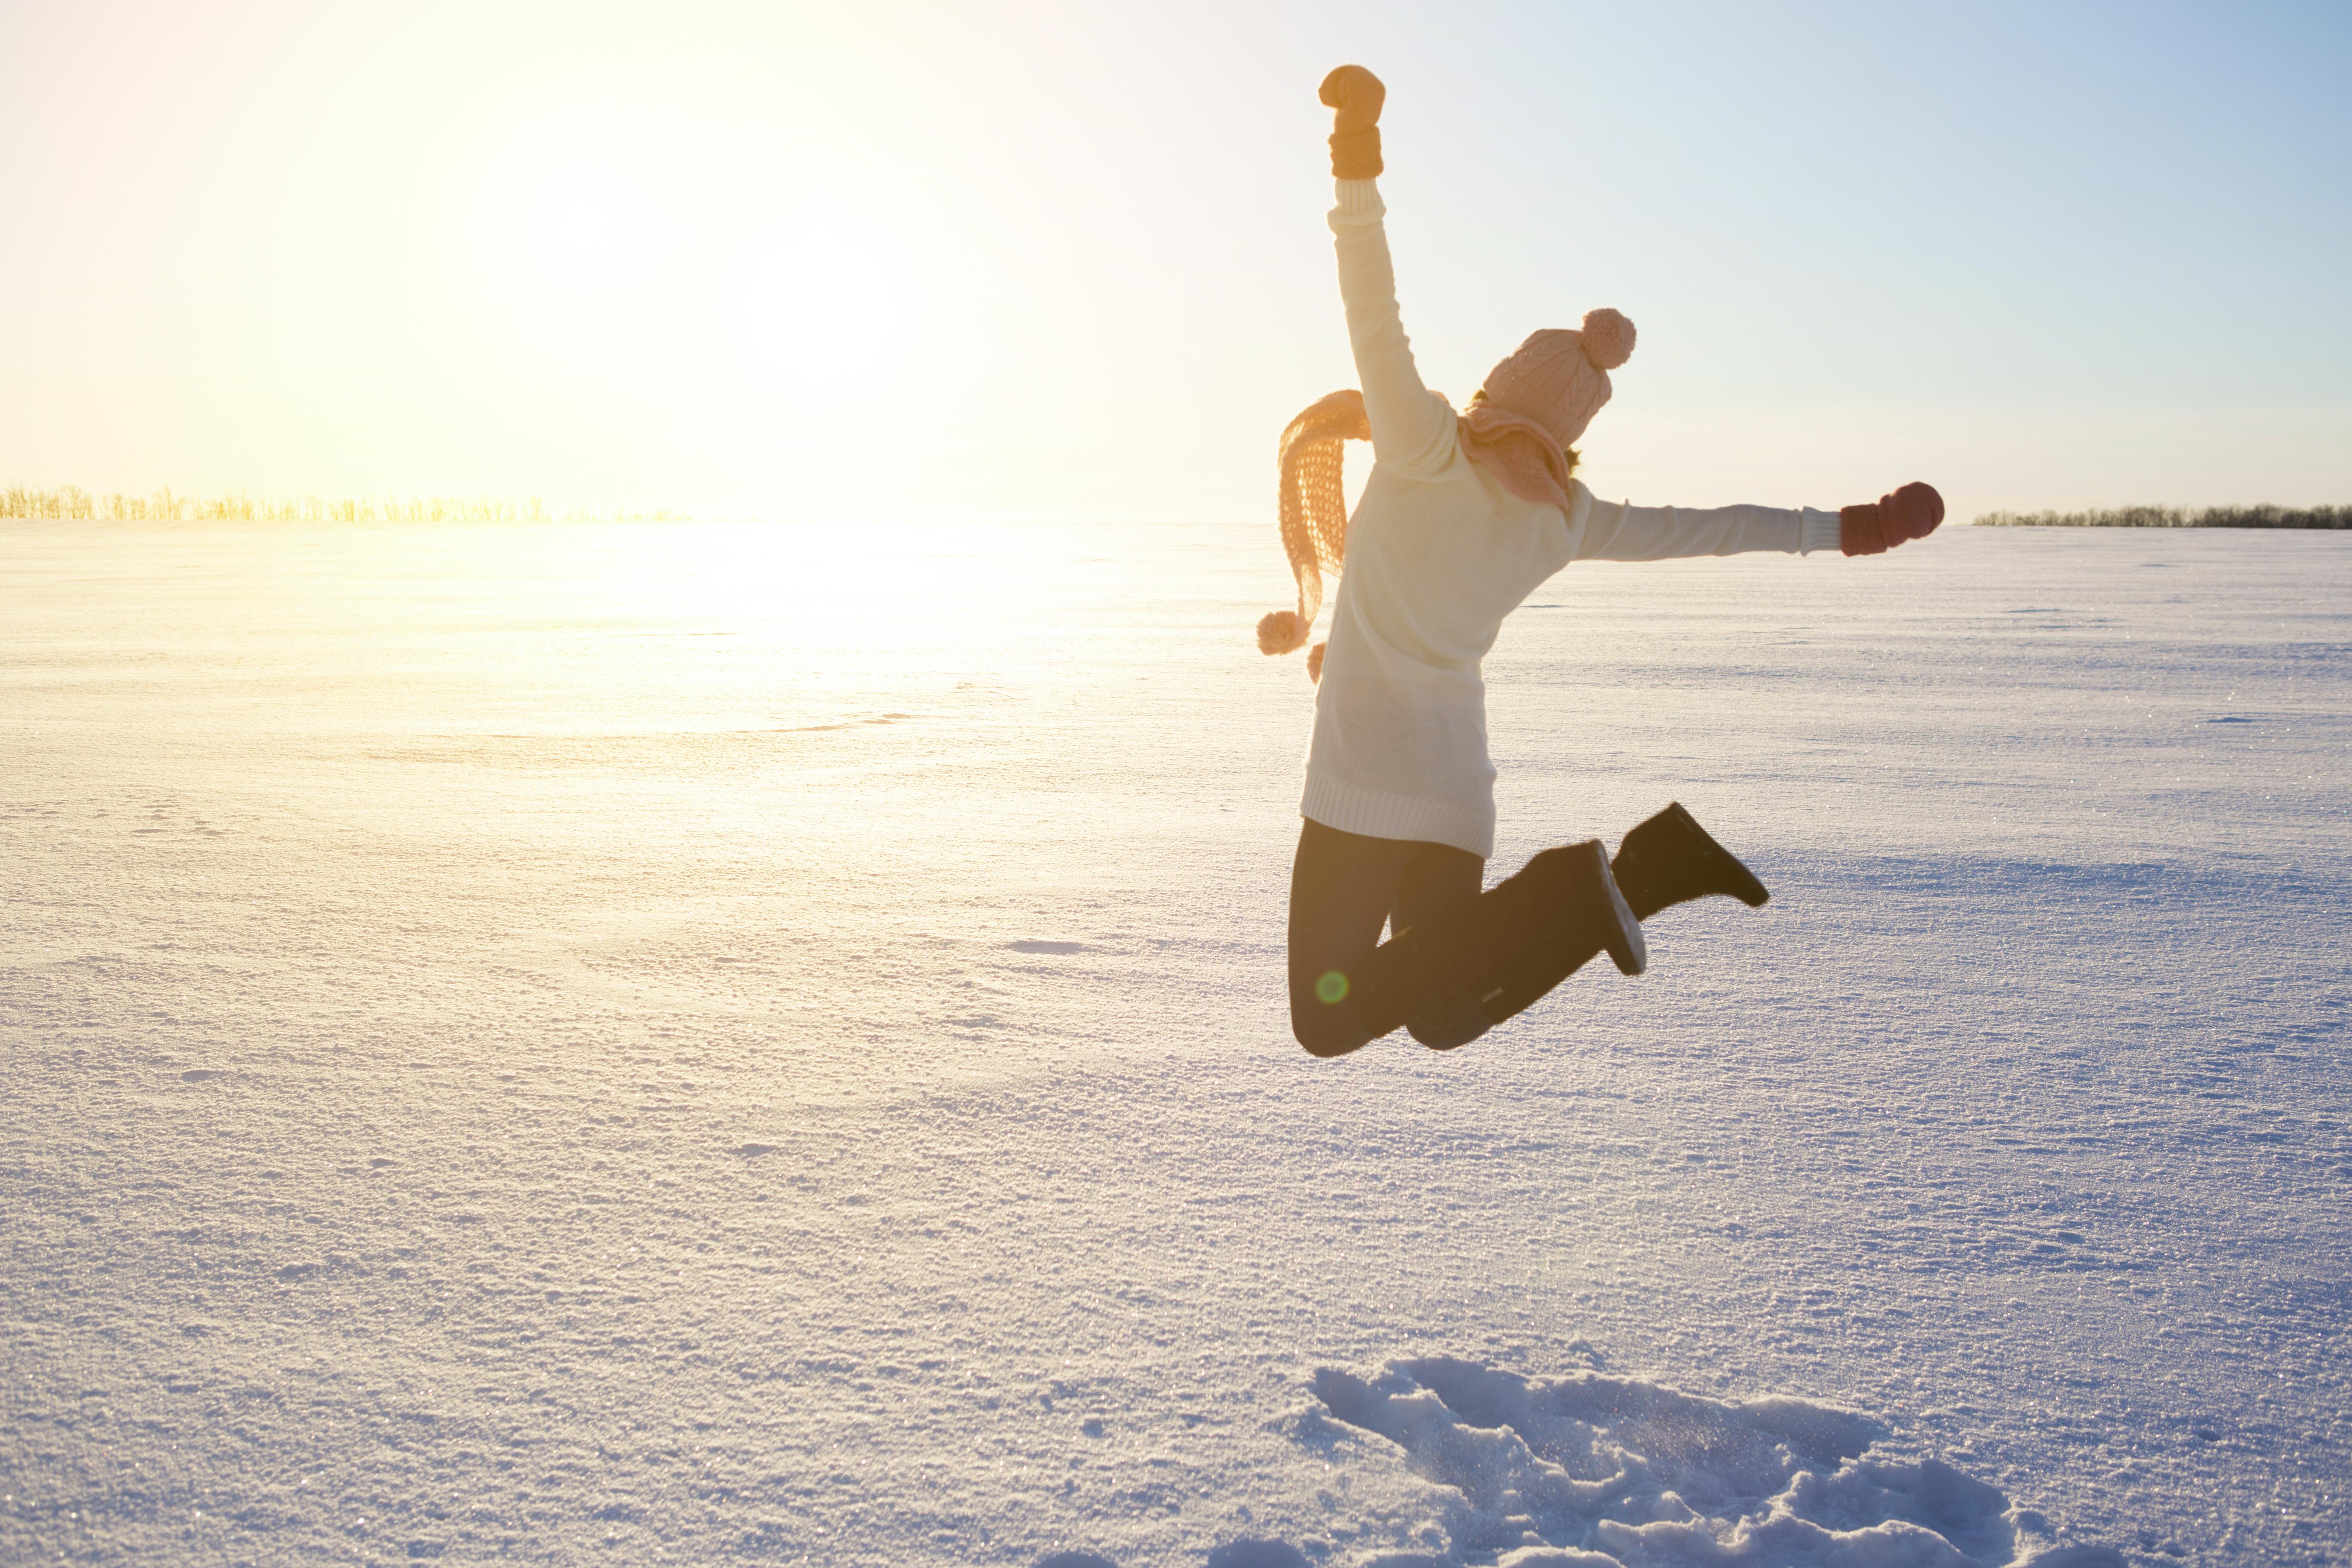 Med lite hjälpmedel kan du göra det bästa av situationen för att vända vinterdepp till vinterpepp.